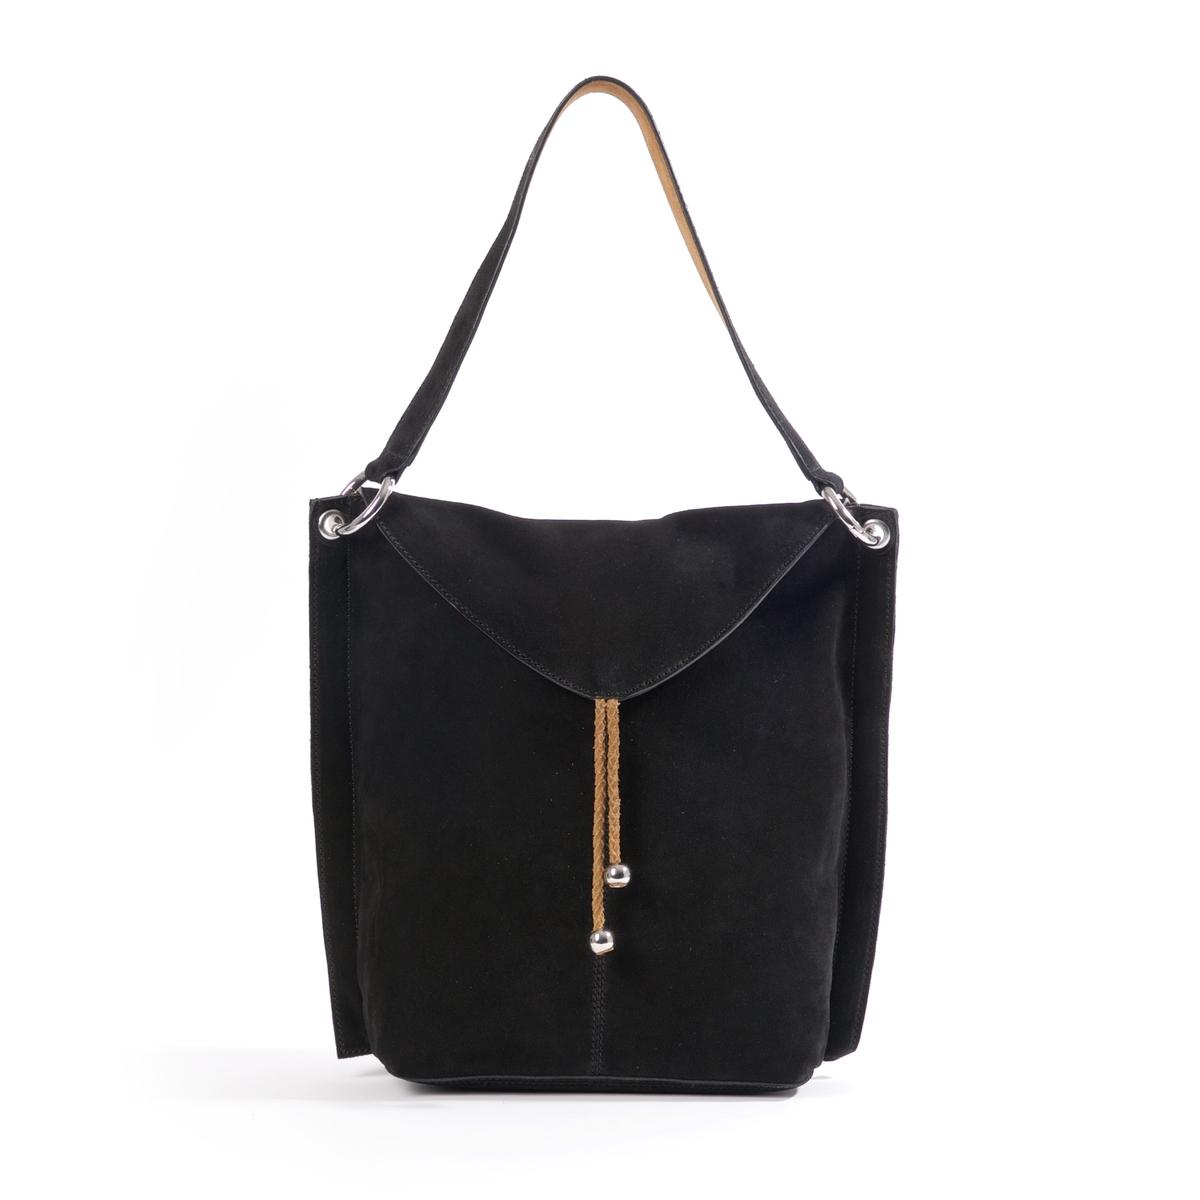 Сумка через плечо из кожиОписание:Отличная сумка через плечо из спилка с кожаными завязками: изящный богемный стиль, великолепно смотрится с джинсами или длинной юбкой. Состав и описание :  Материал : верх из невыделанной кожи              подкладка из хлопка Размеры : 36 x 33 x 13 смЗастежка : кнопка на магните1 карман на молнии и 2 кармана для мобильного телефона.1 карман на молнии сзади.<br><br>Цвет: черный<br>Размер: единый размер